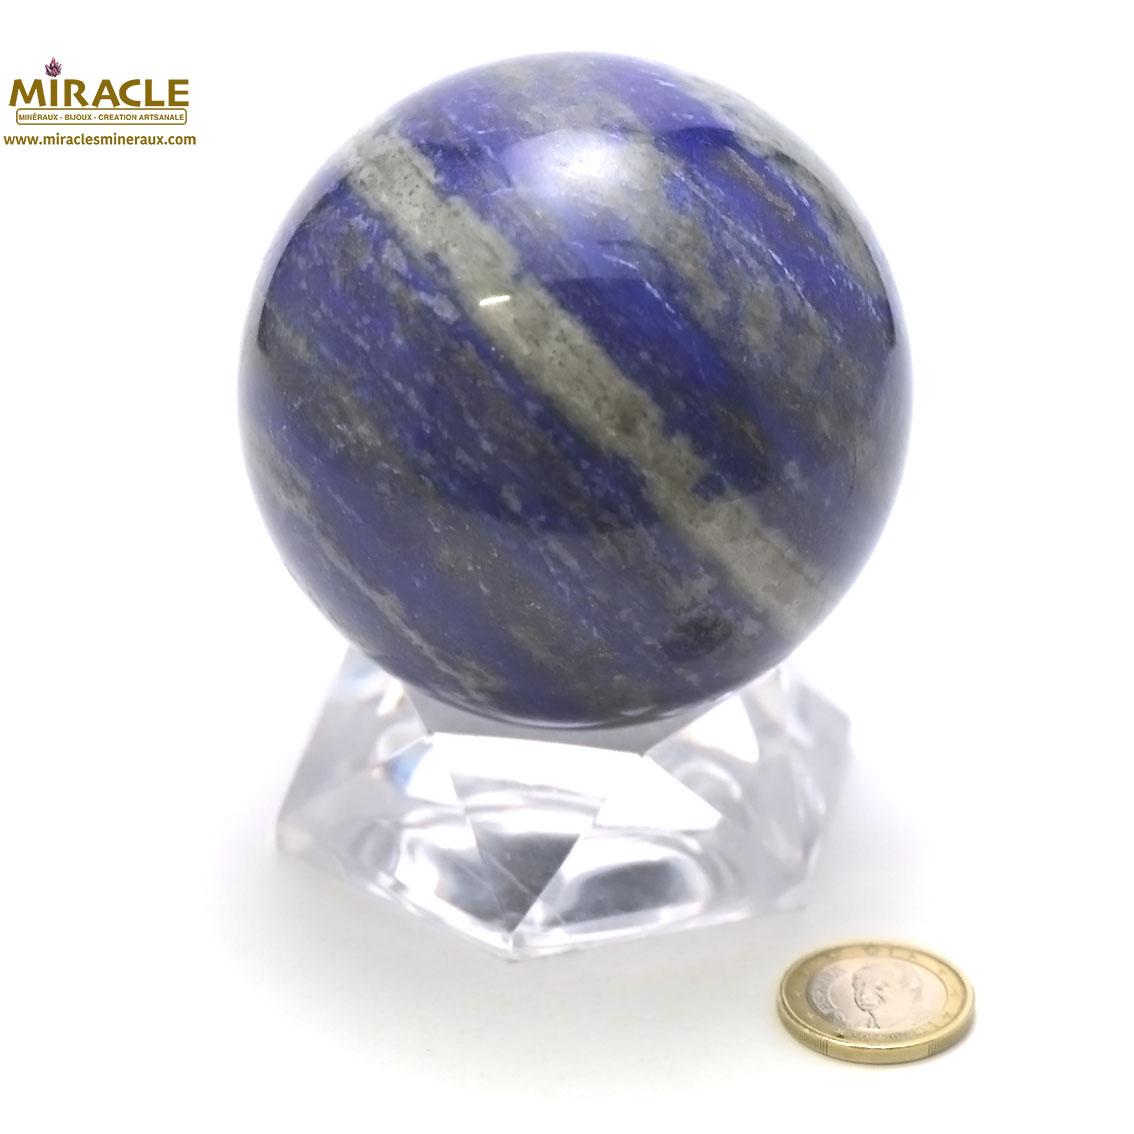 Magnifique sphère minéraux en lapis lazuli 8,5 cm